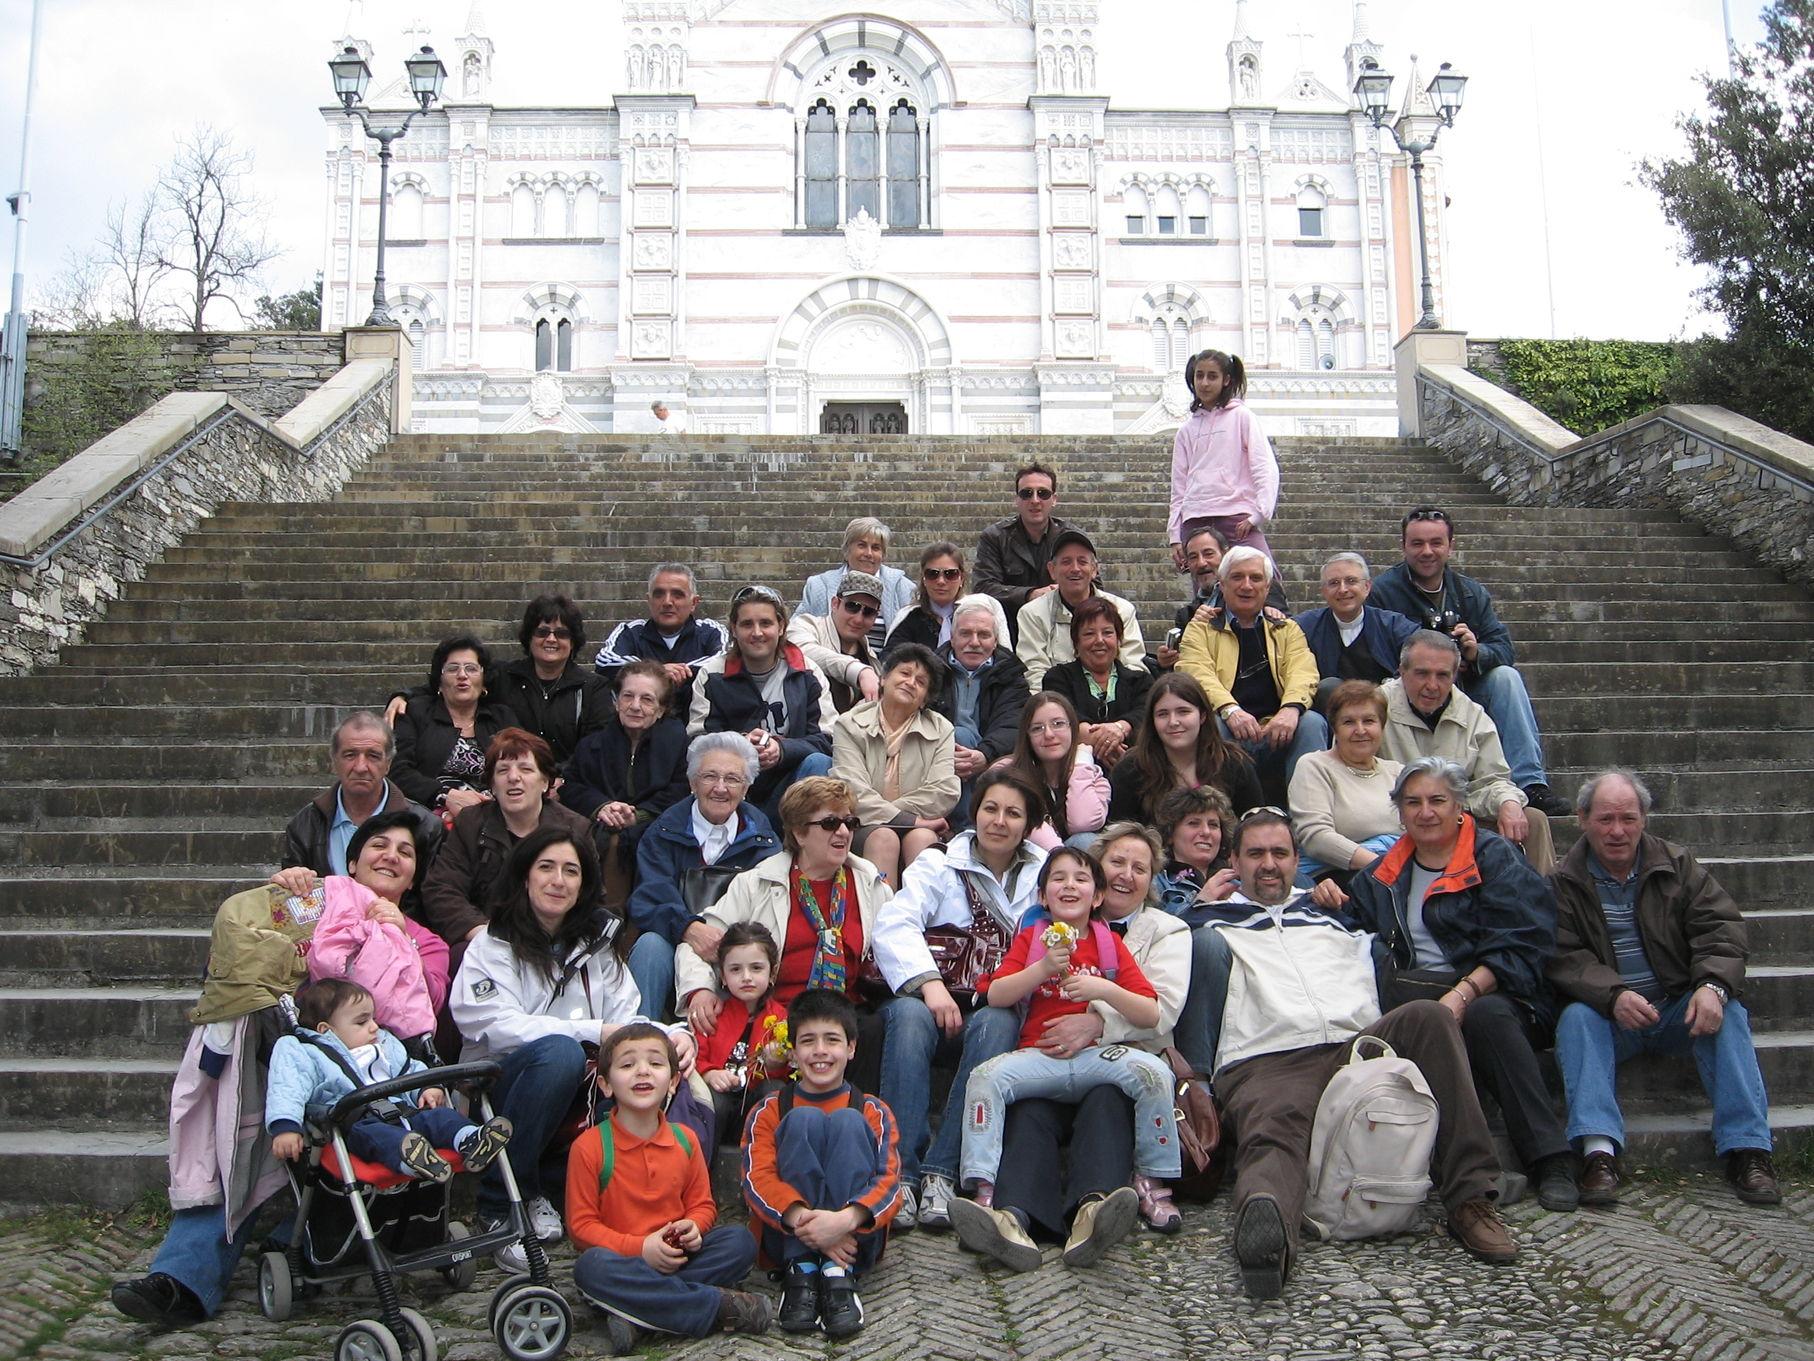 Montallegro-2009-04-13--13.45.27.jpg